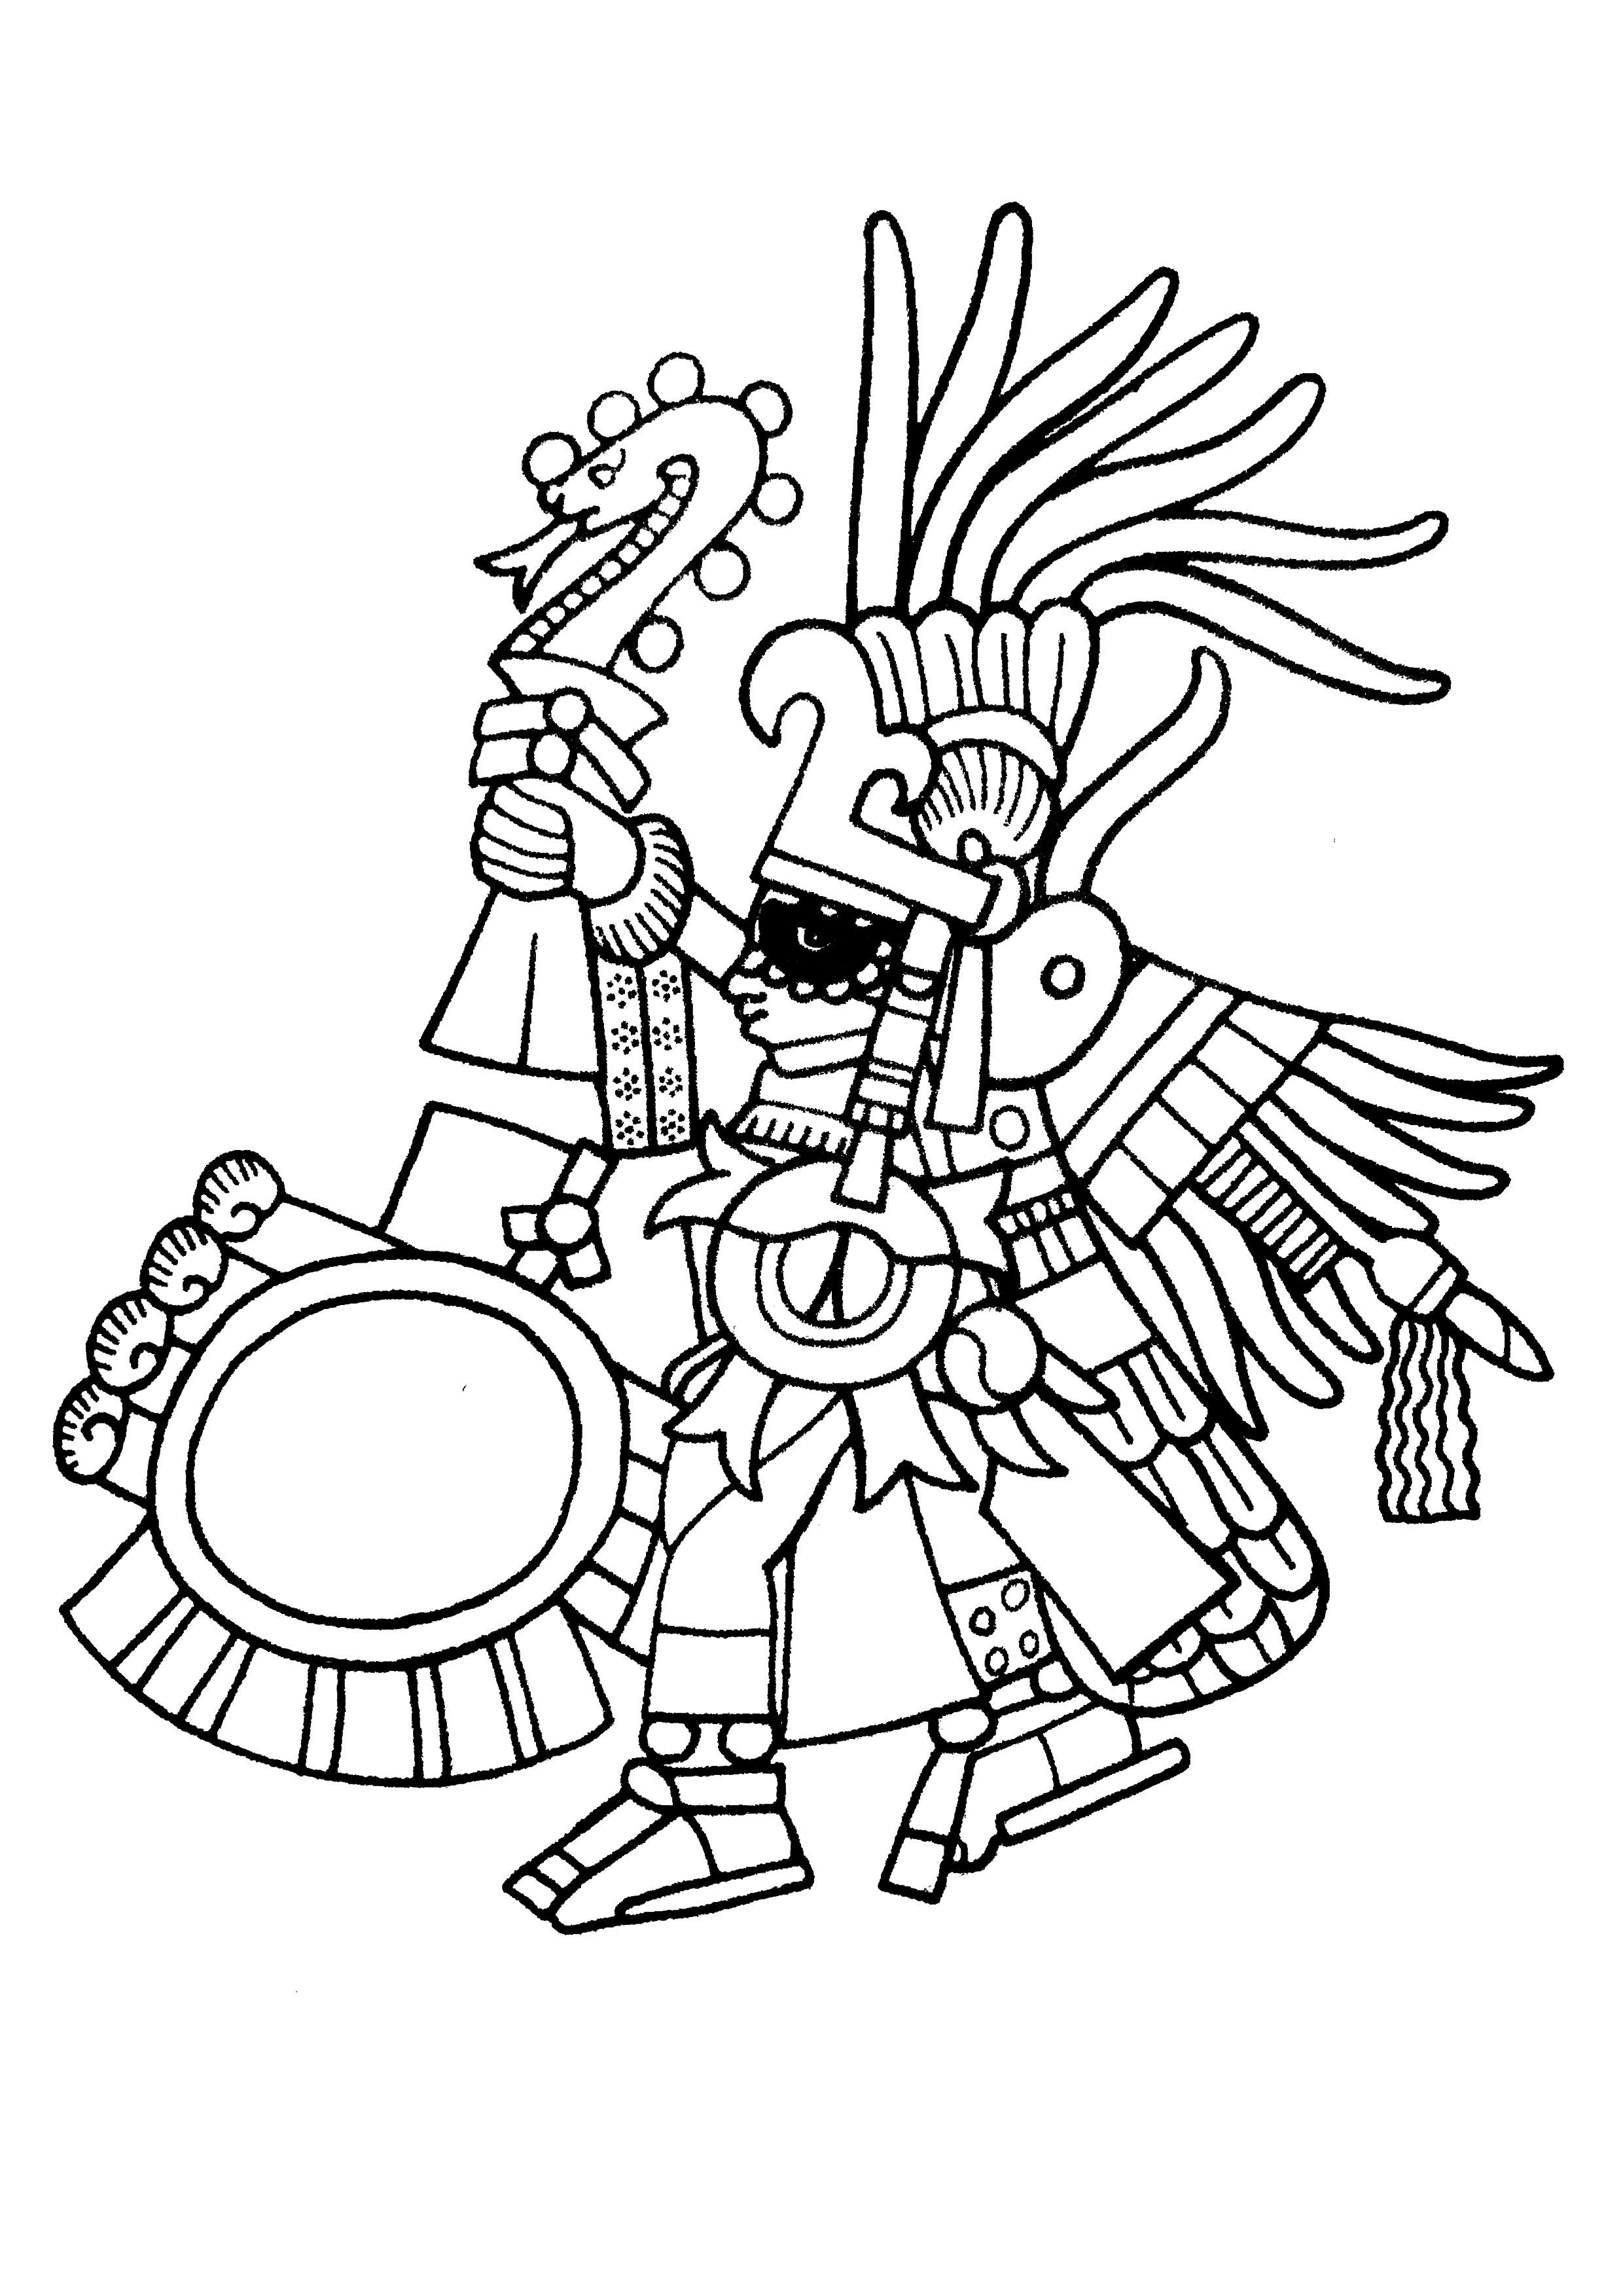 Mayas aztecas e incas 33253 - Mayas, Aztecas e Incas - Colorear para ...